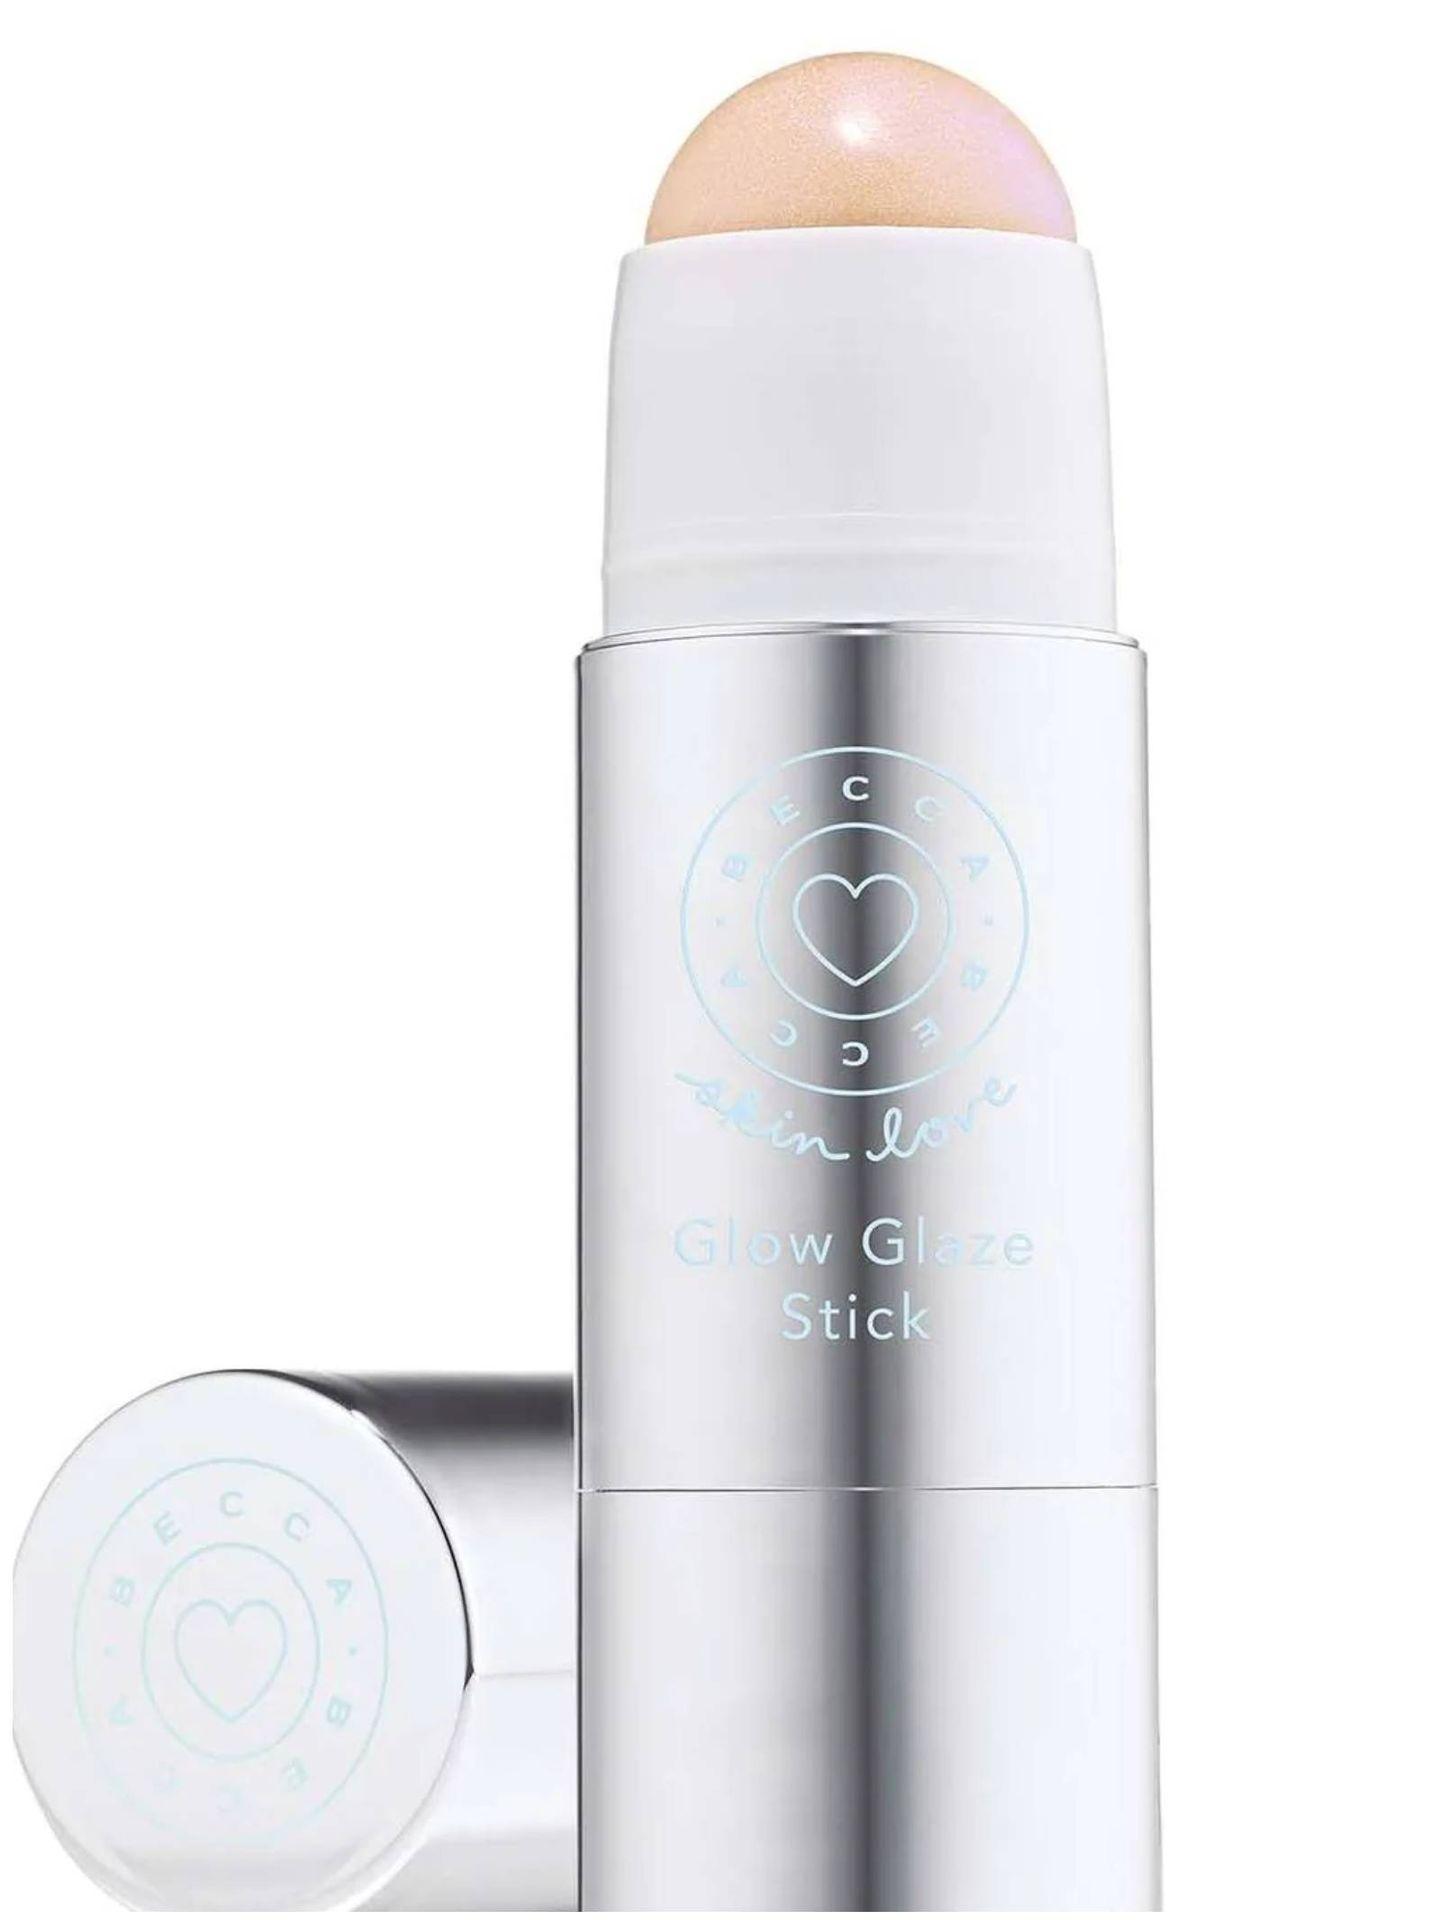 Iluminador de maquillaje en stick para un rostro estilo JLo. (Cortesía)